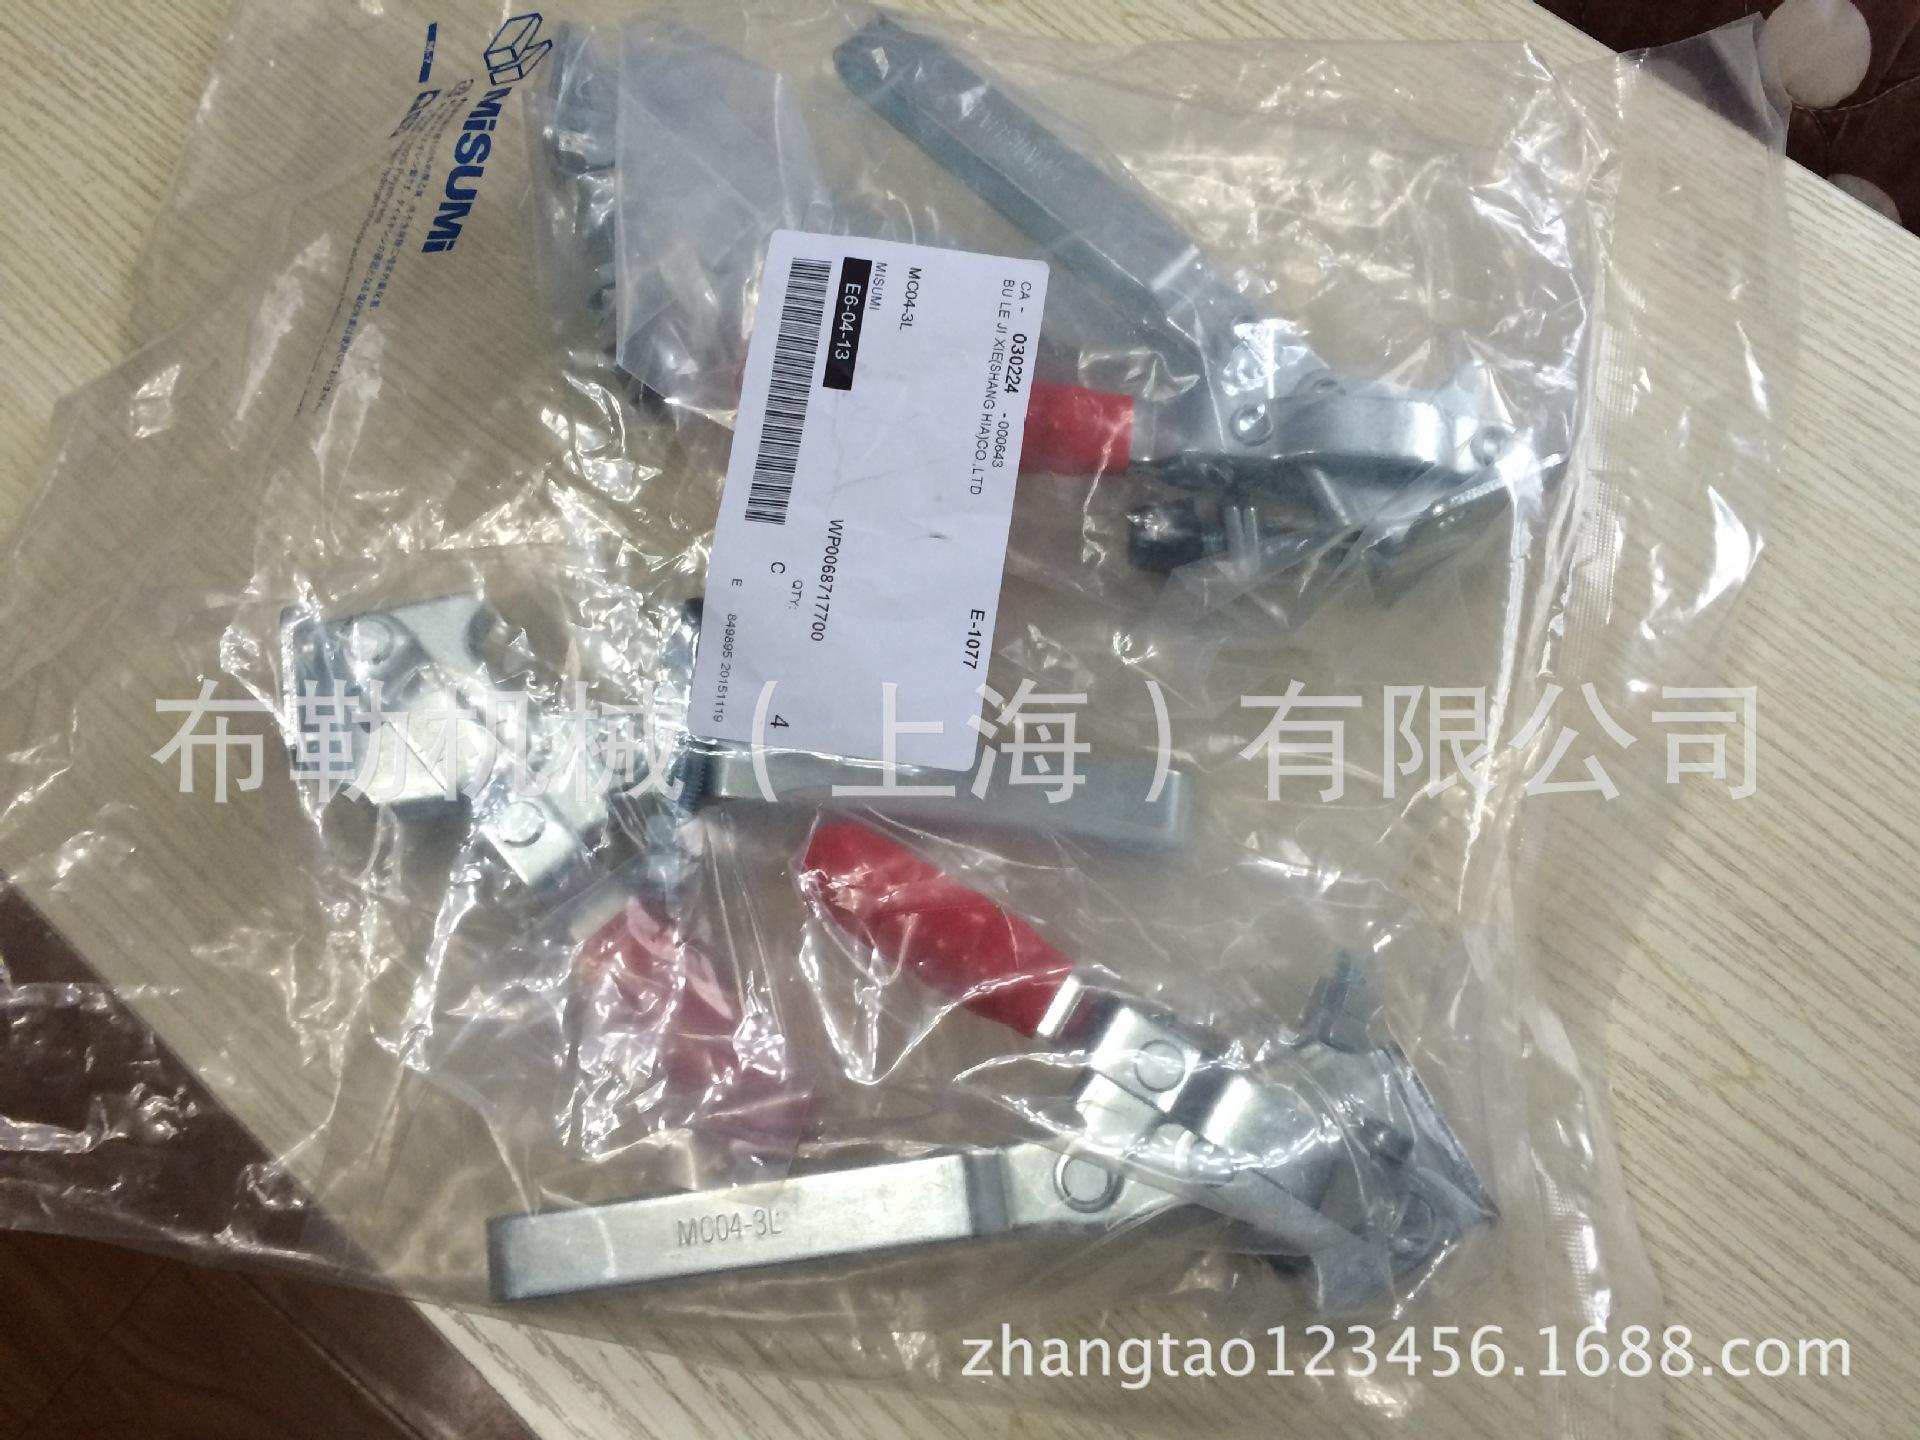 不锈钢快速夹具MC02-S2/日本米思米肘夹MC03-S1/免键轴衬/锥套